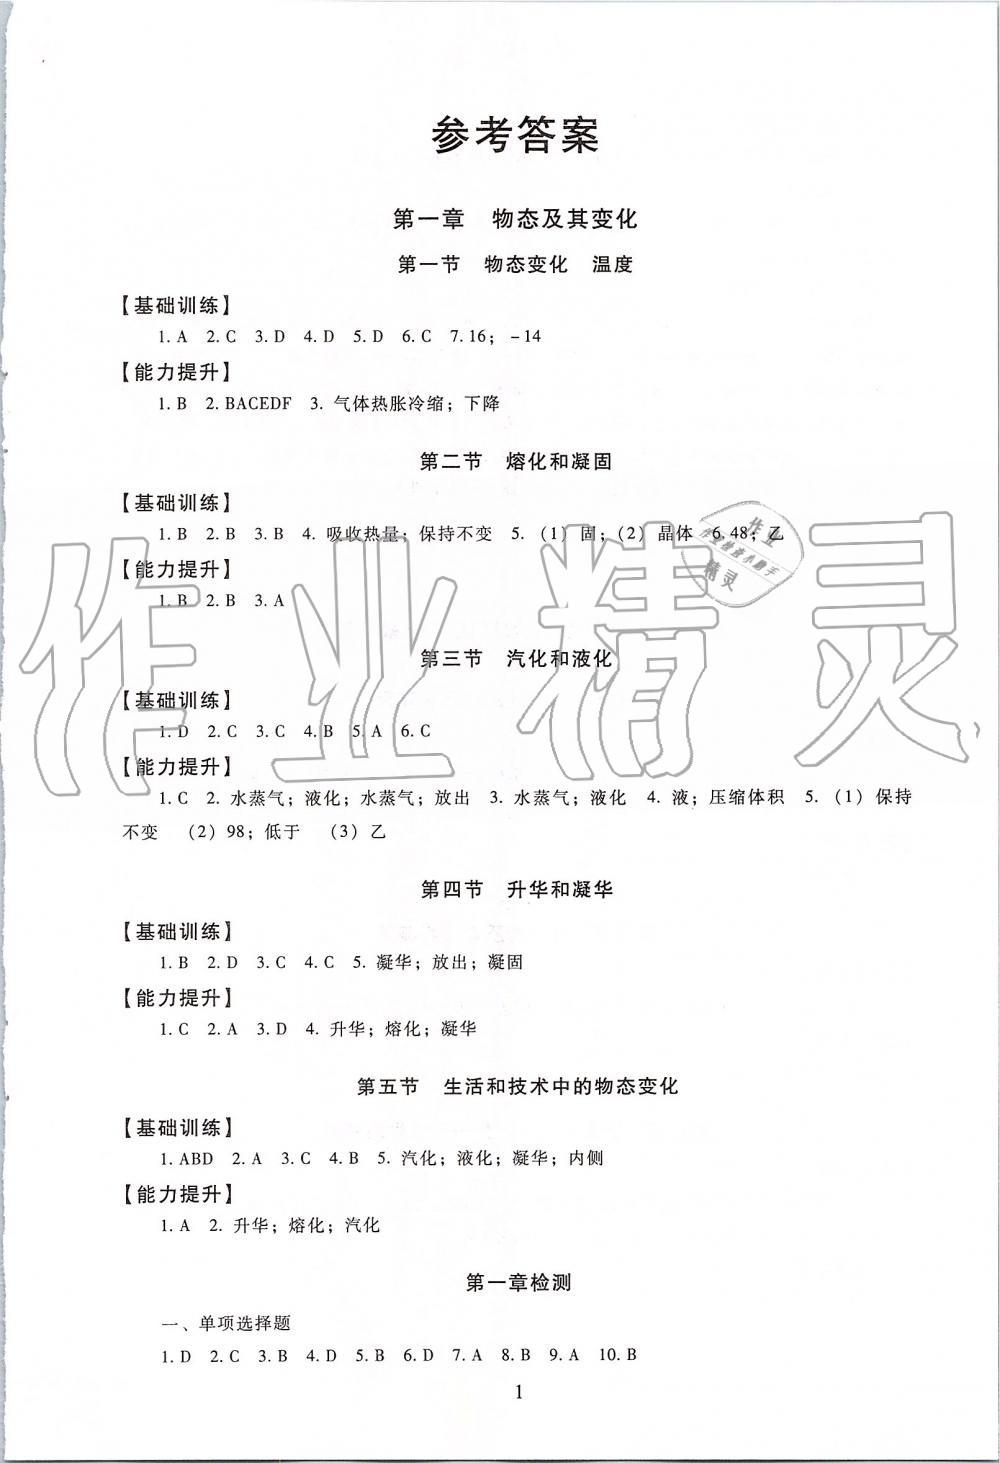 ���տ���ҡ�ŷ������ٷ���ַ22270.COM_2019年海淀名师伴你学同步学练测八年级物理上册北师大版第1页